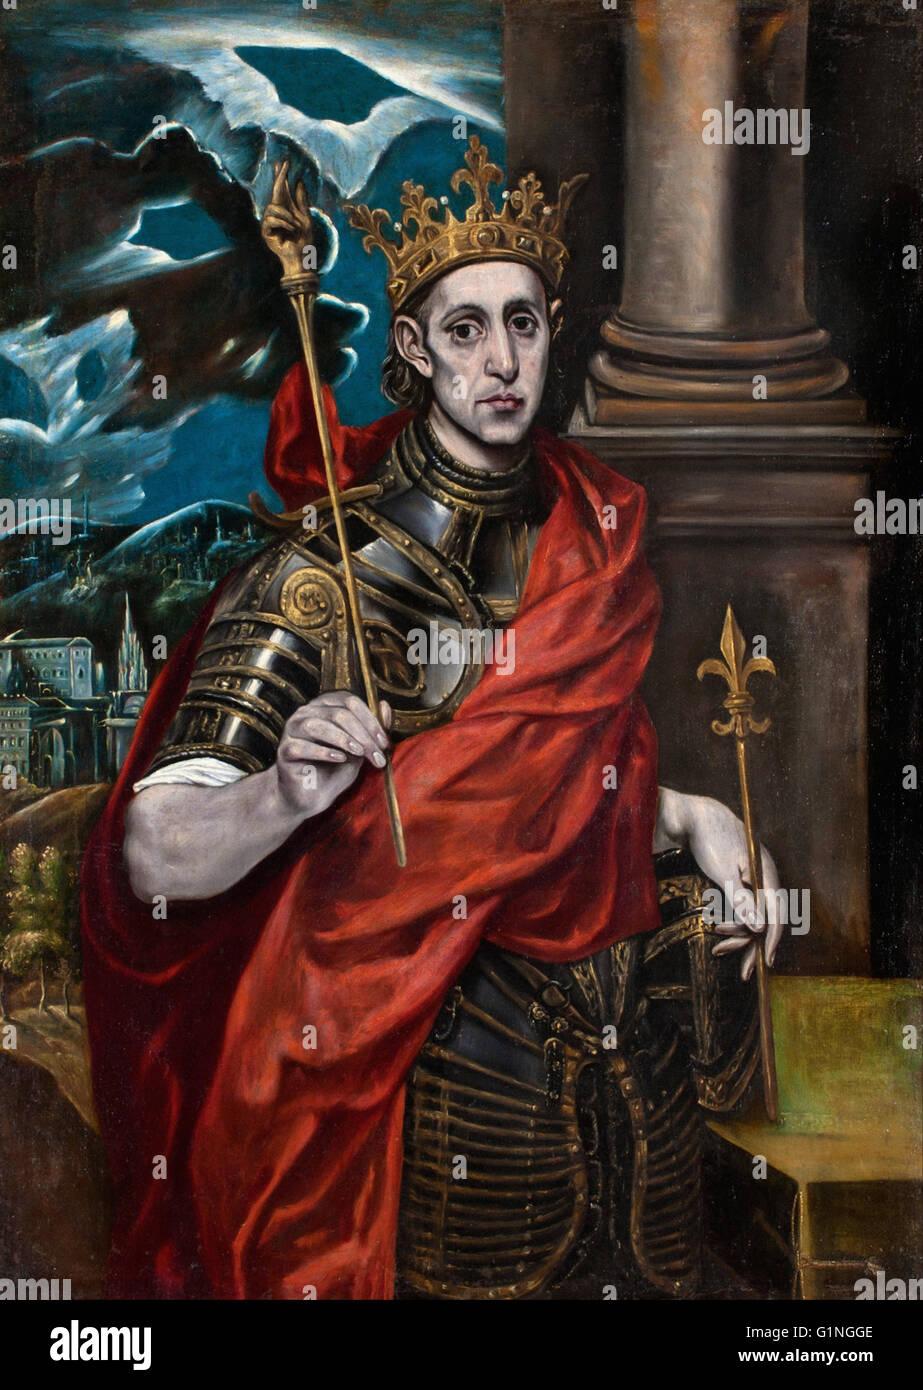 Seguidor del Greco - San Luis, rey de Francia - Museo del Greco Foto de stock